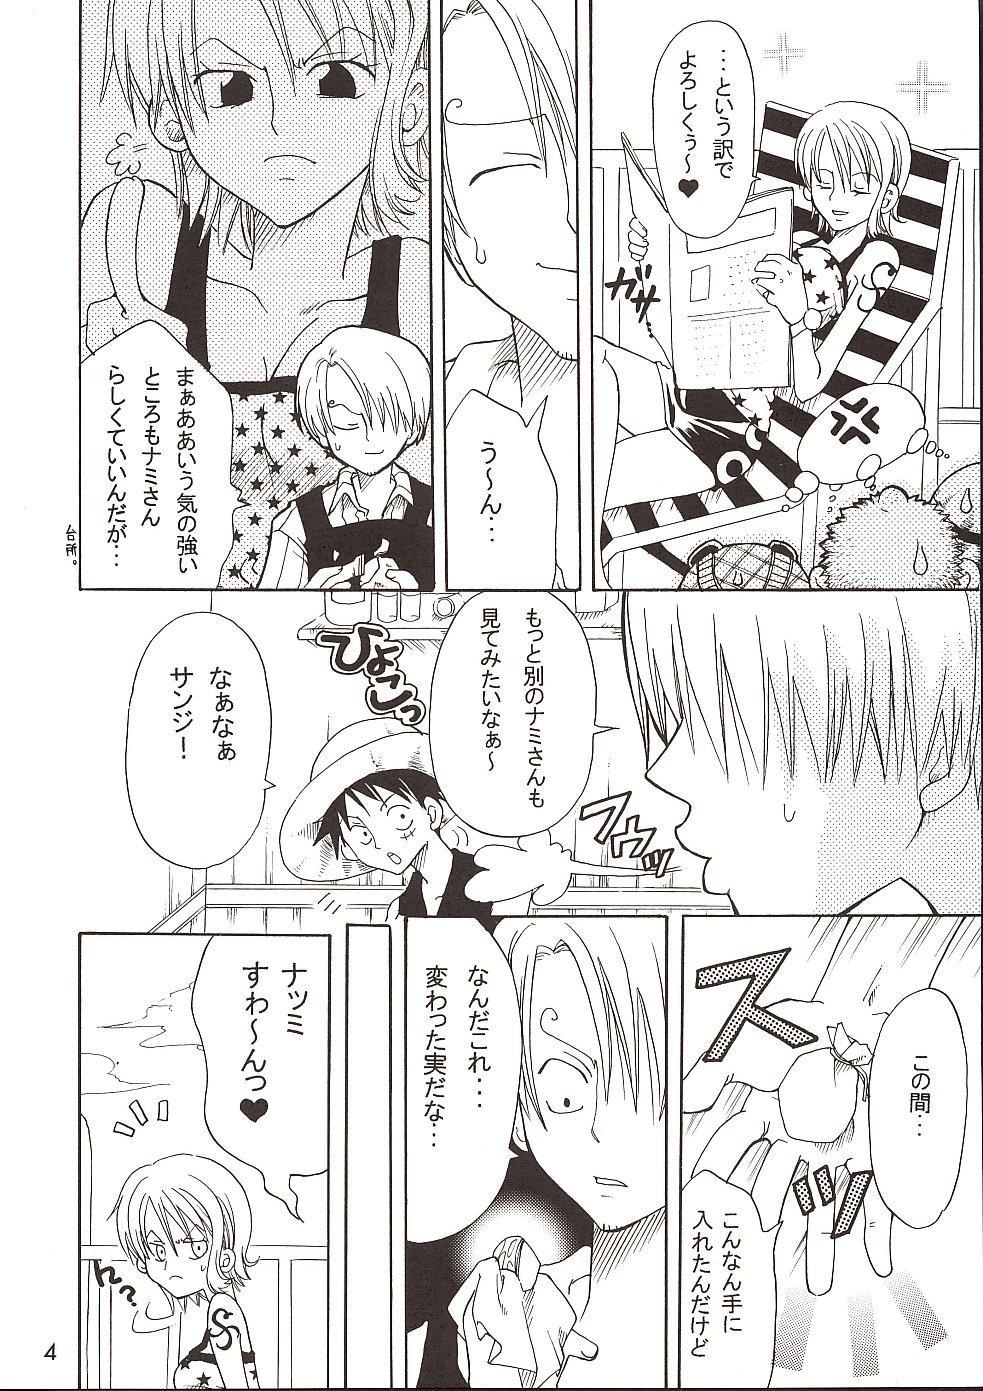 Shiawase Punch! 3 2